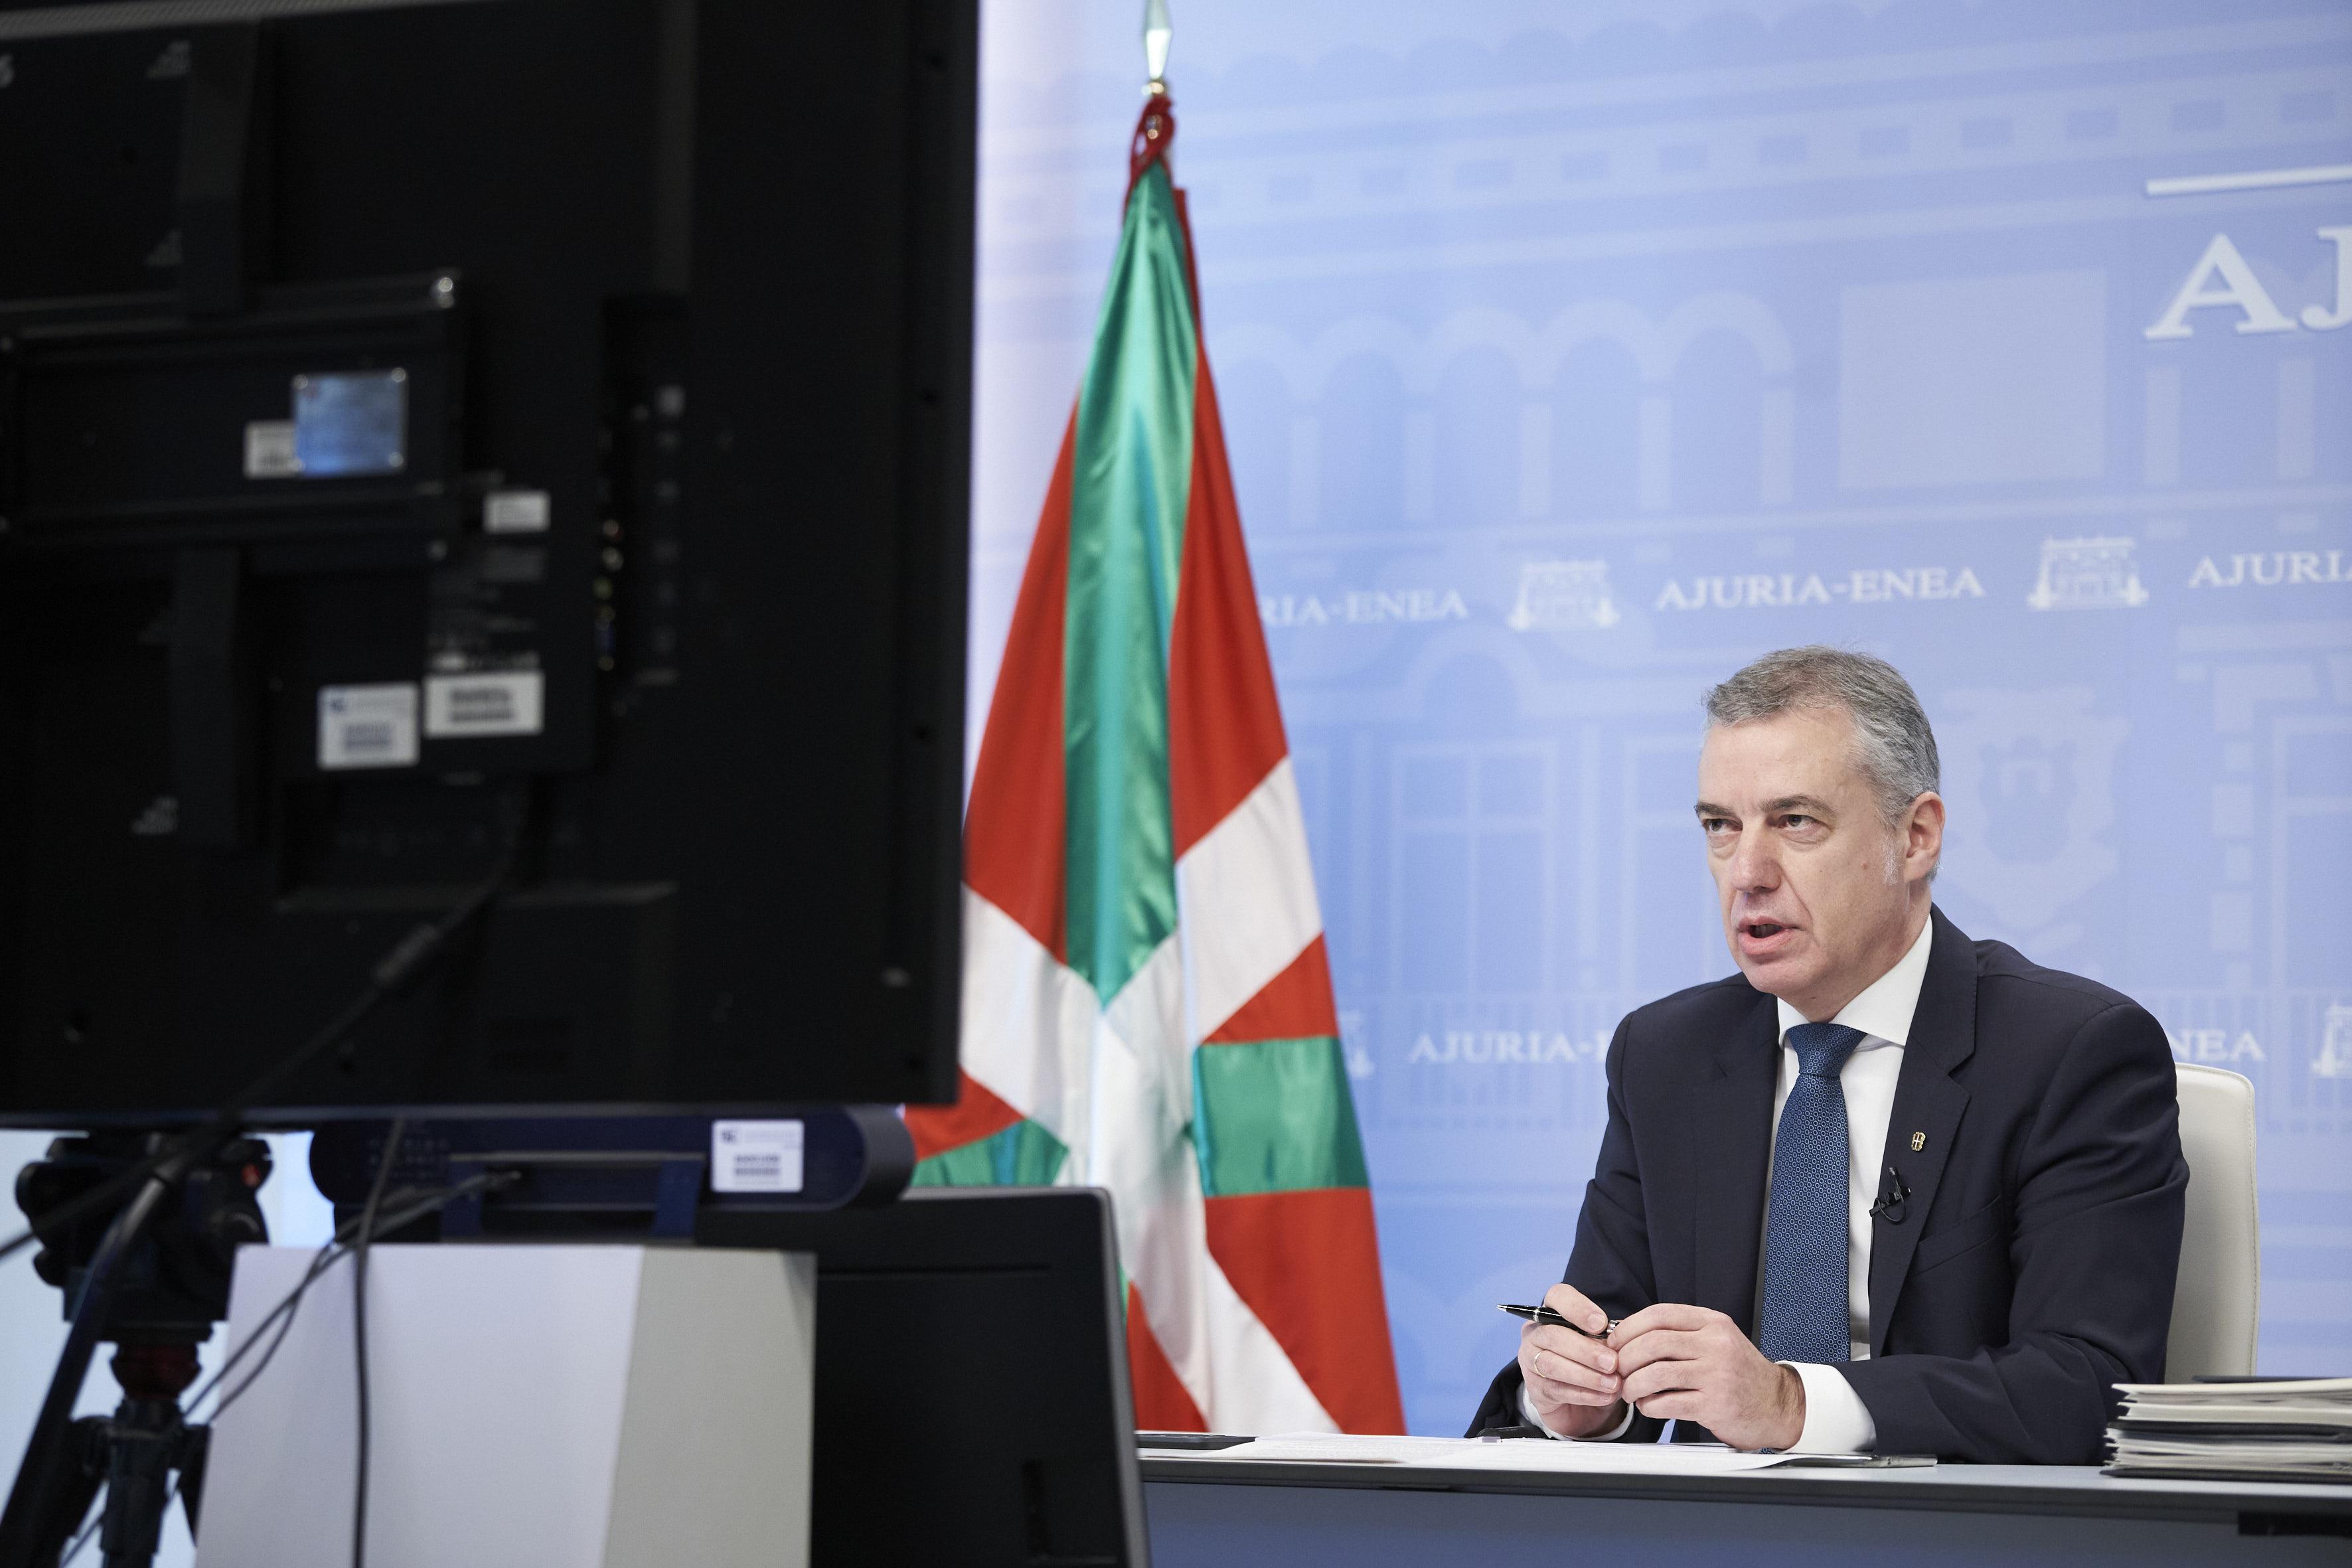 Lehendakariak Euskadin birusaren eragina arintzeko lehentasunak azpimarratu ditu bideokonferentzia bidezko bileran [7:27]